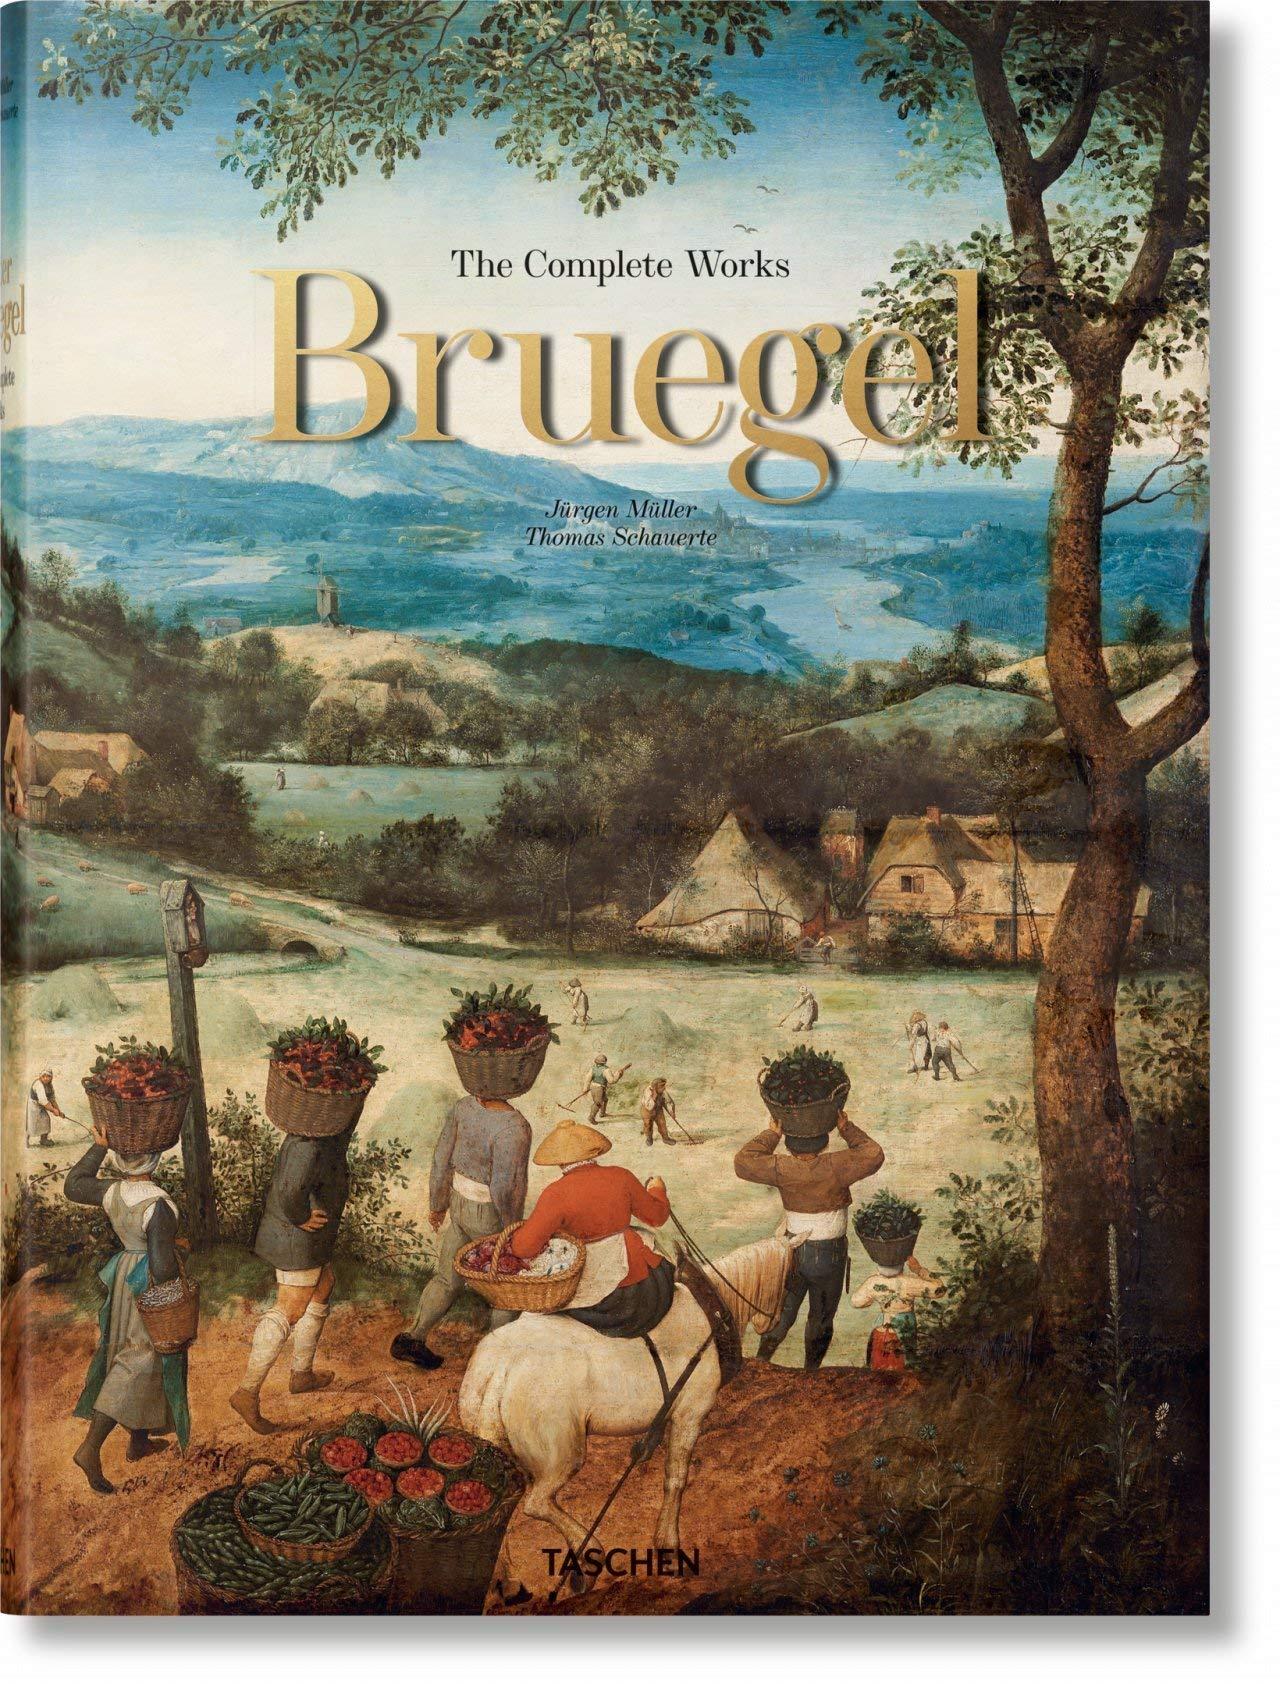 pieter bruegel xxl the complete works